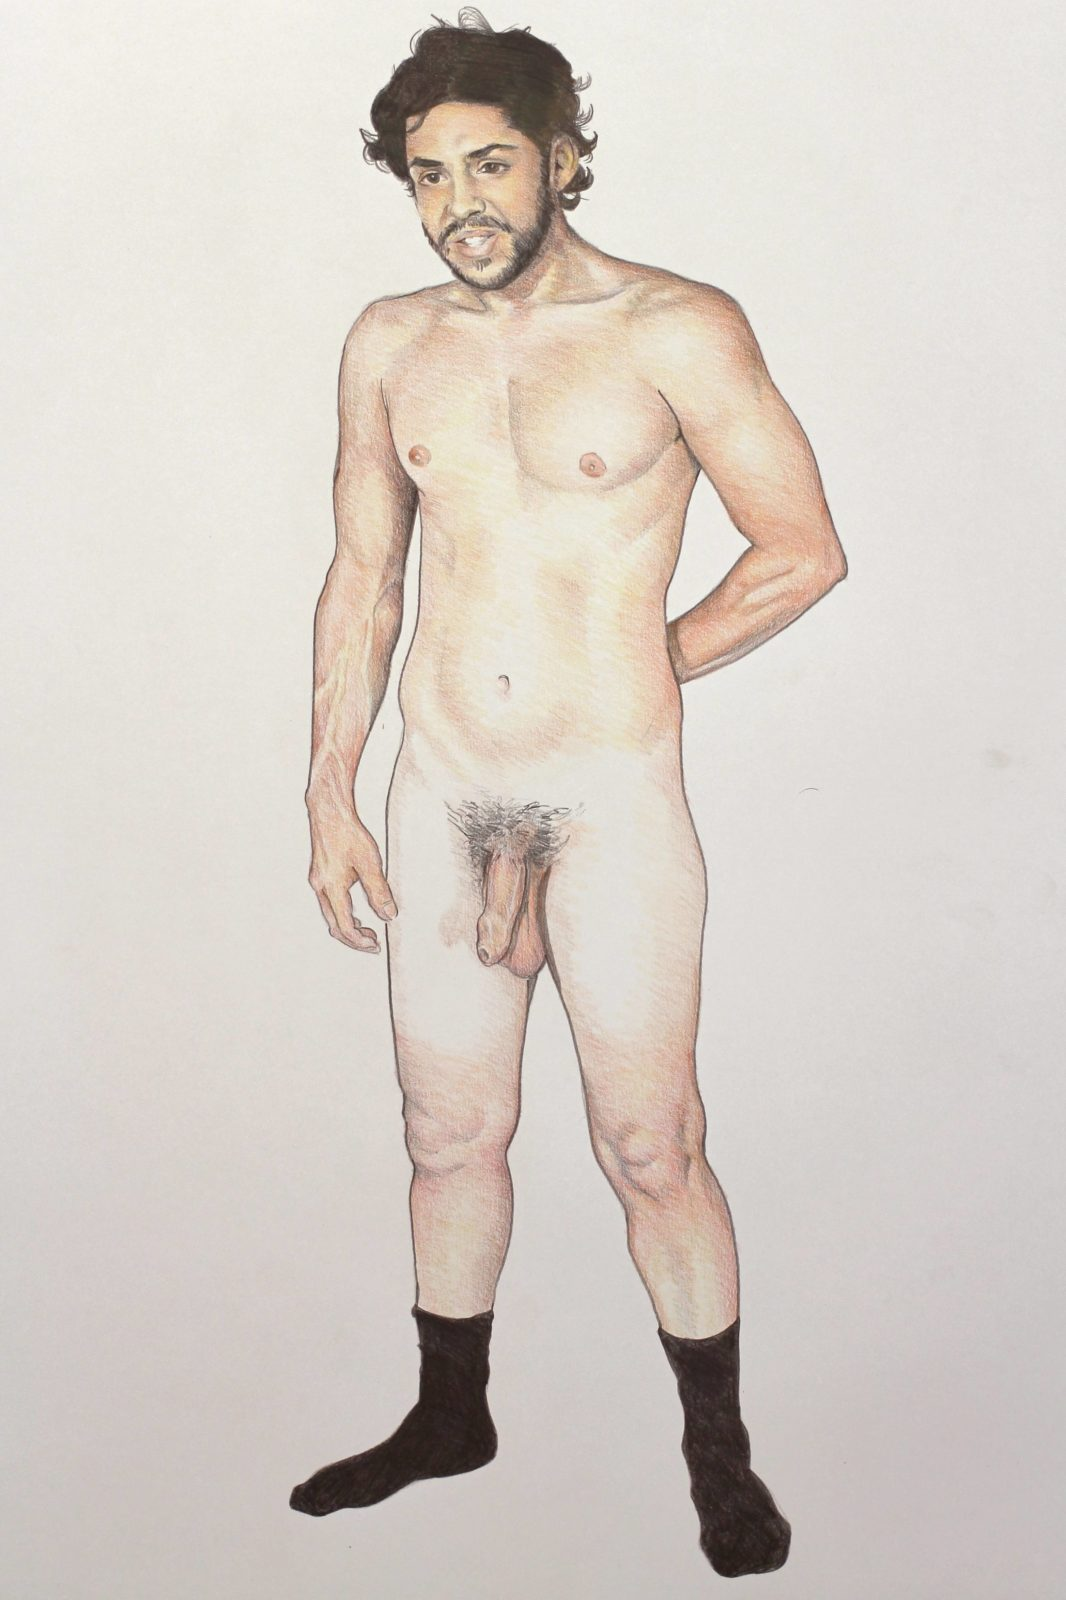 γκέι μαύρο τεράστιο πουλί πορνό